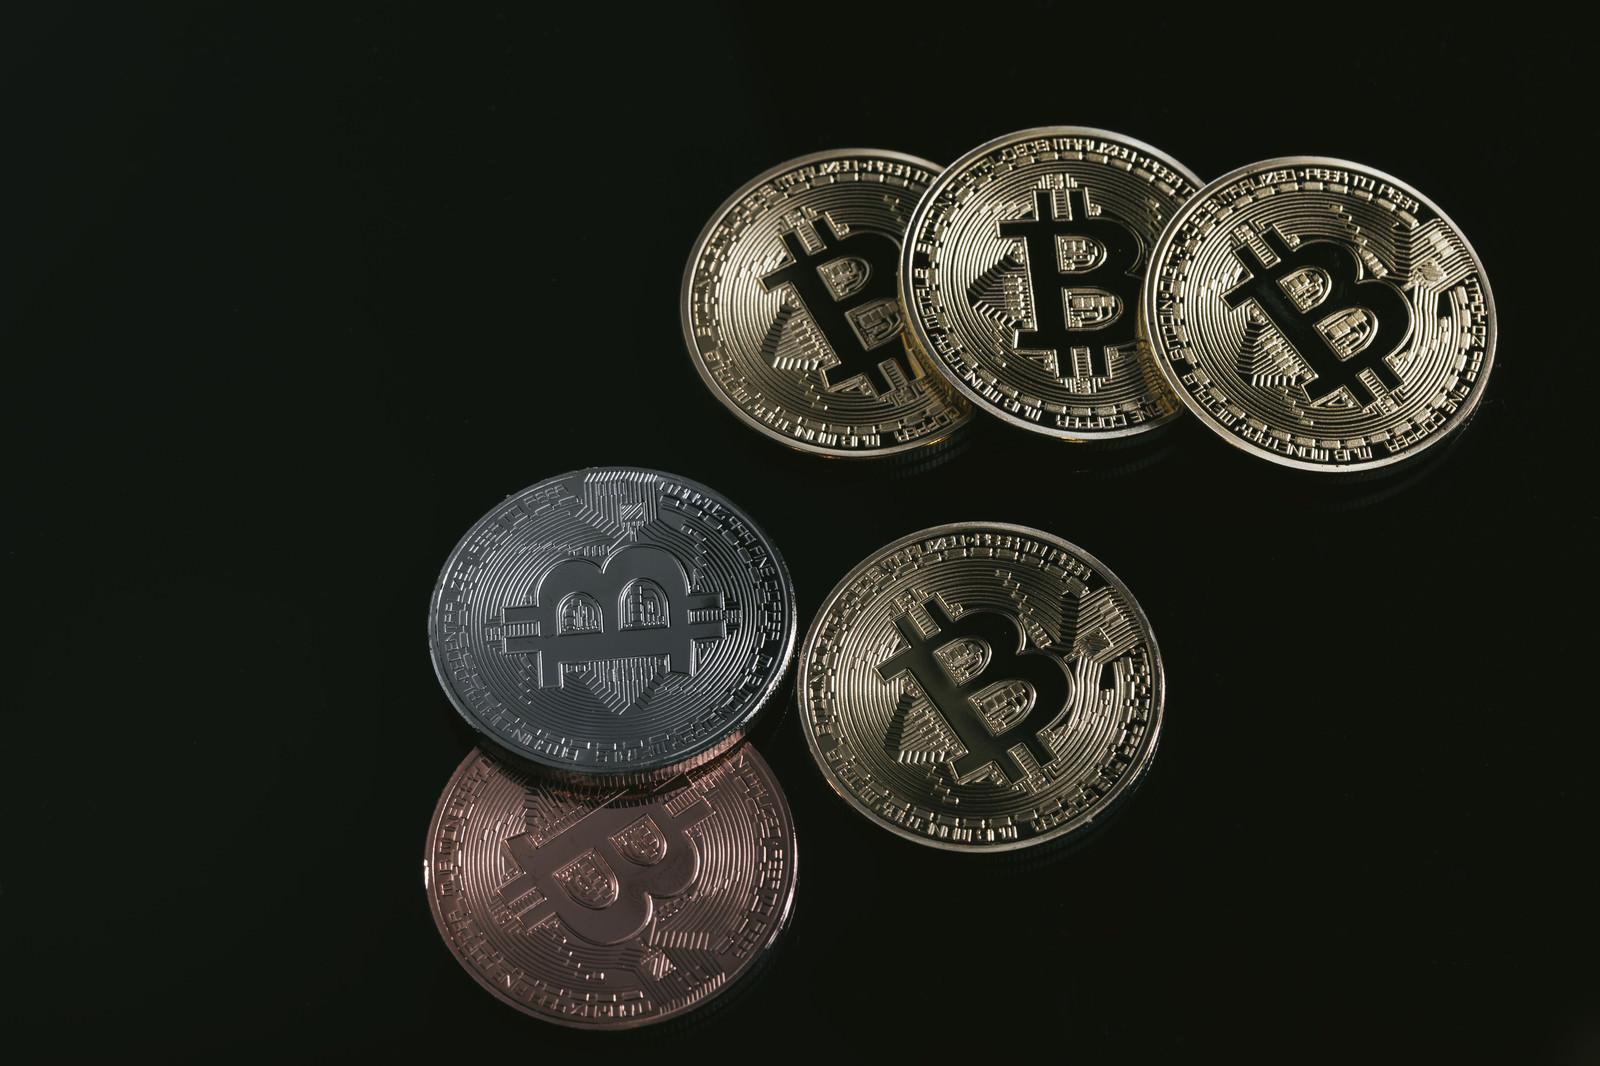 「ビットコイン(BTC)のメダル」の写真